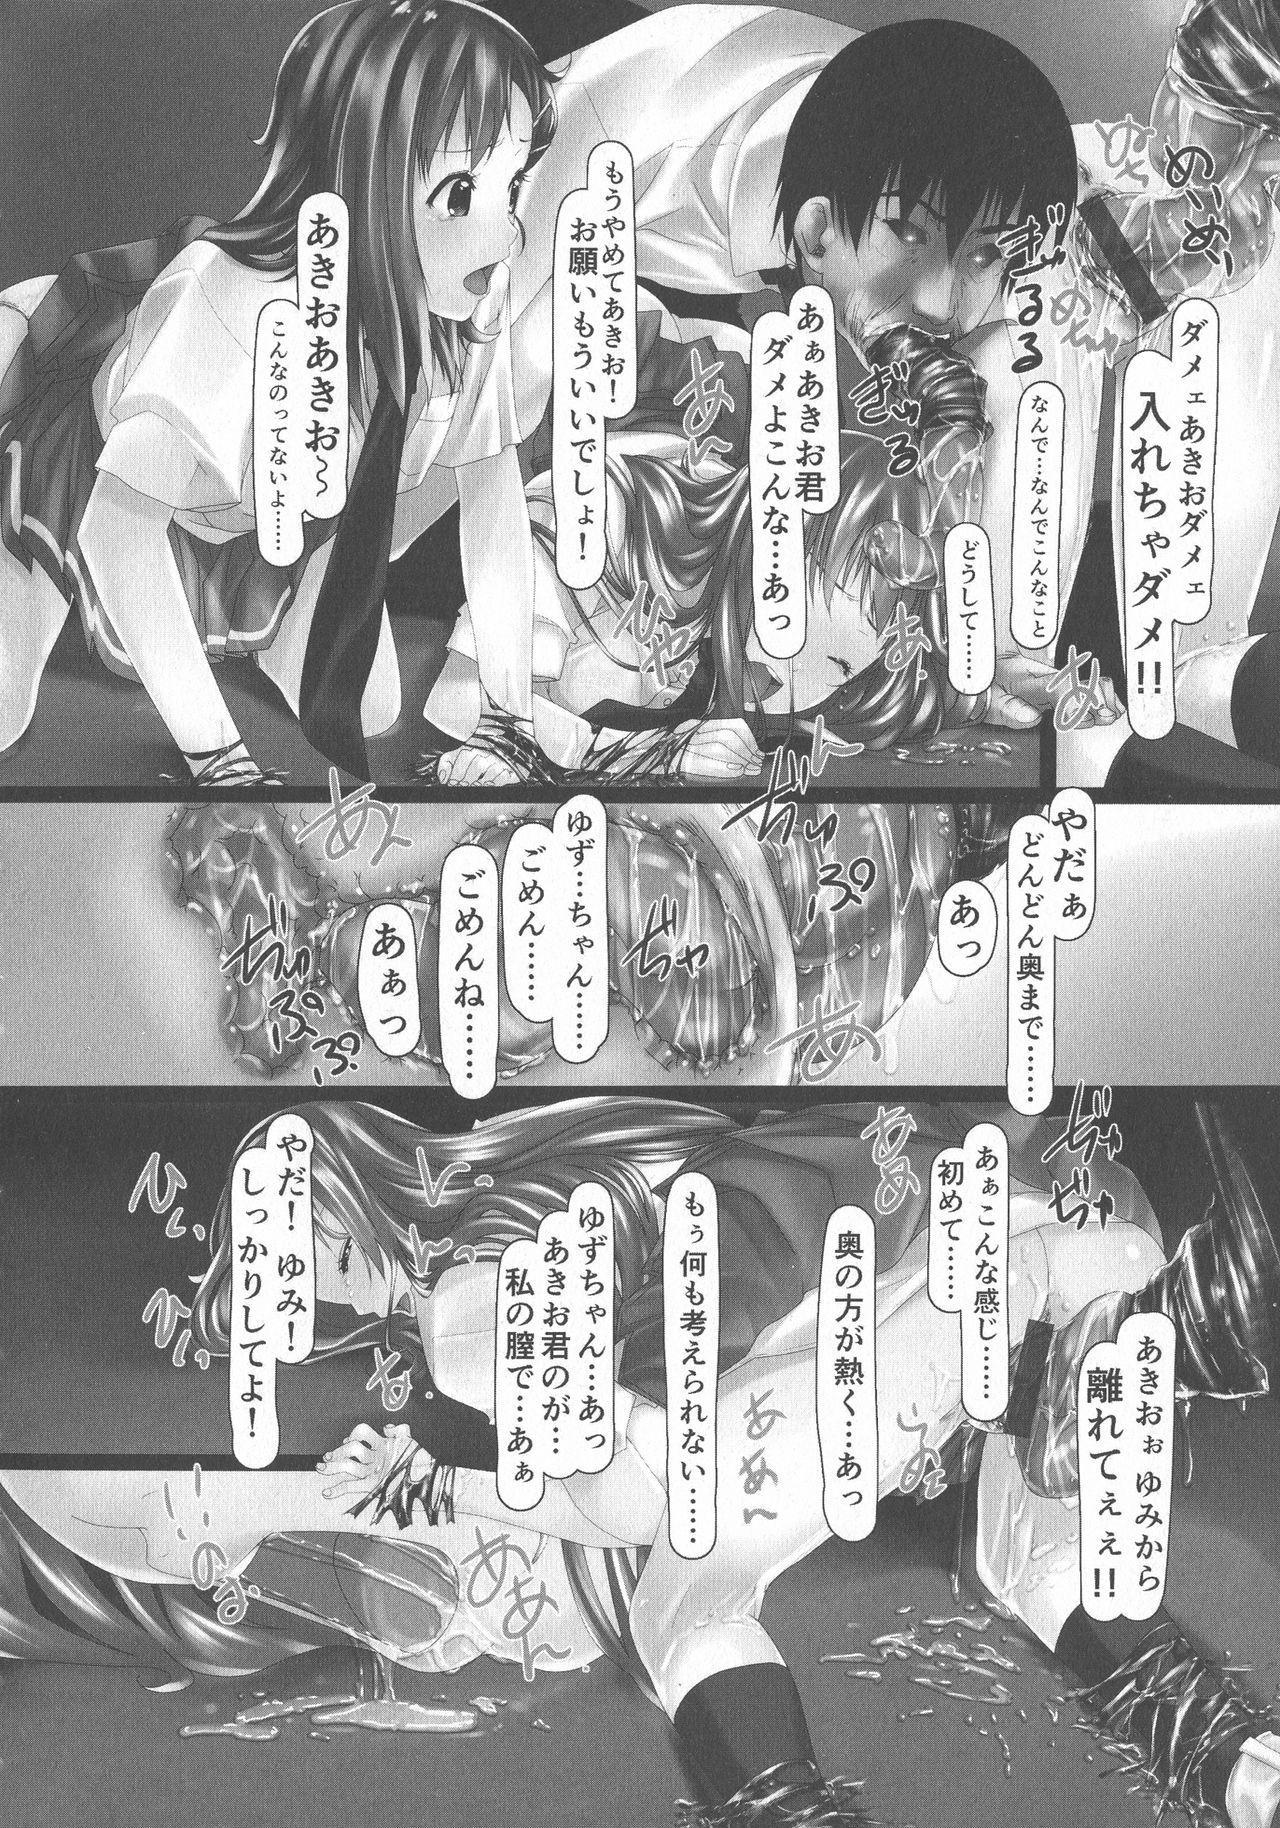 Jochiku no Utage 179